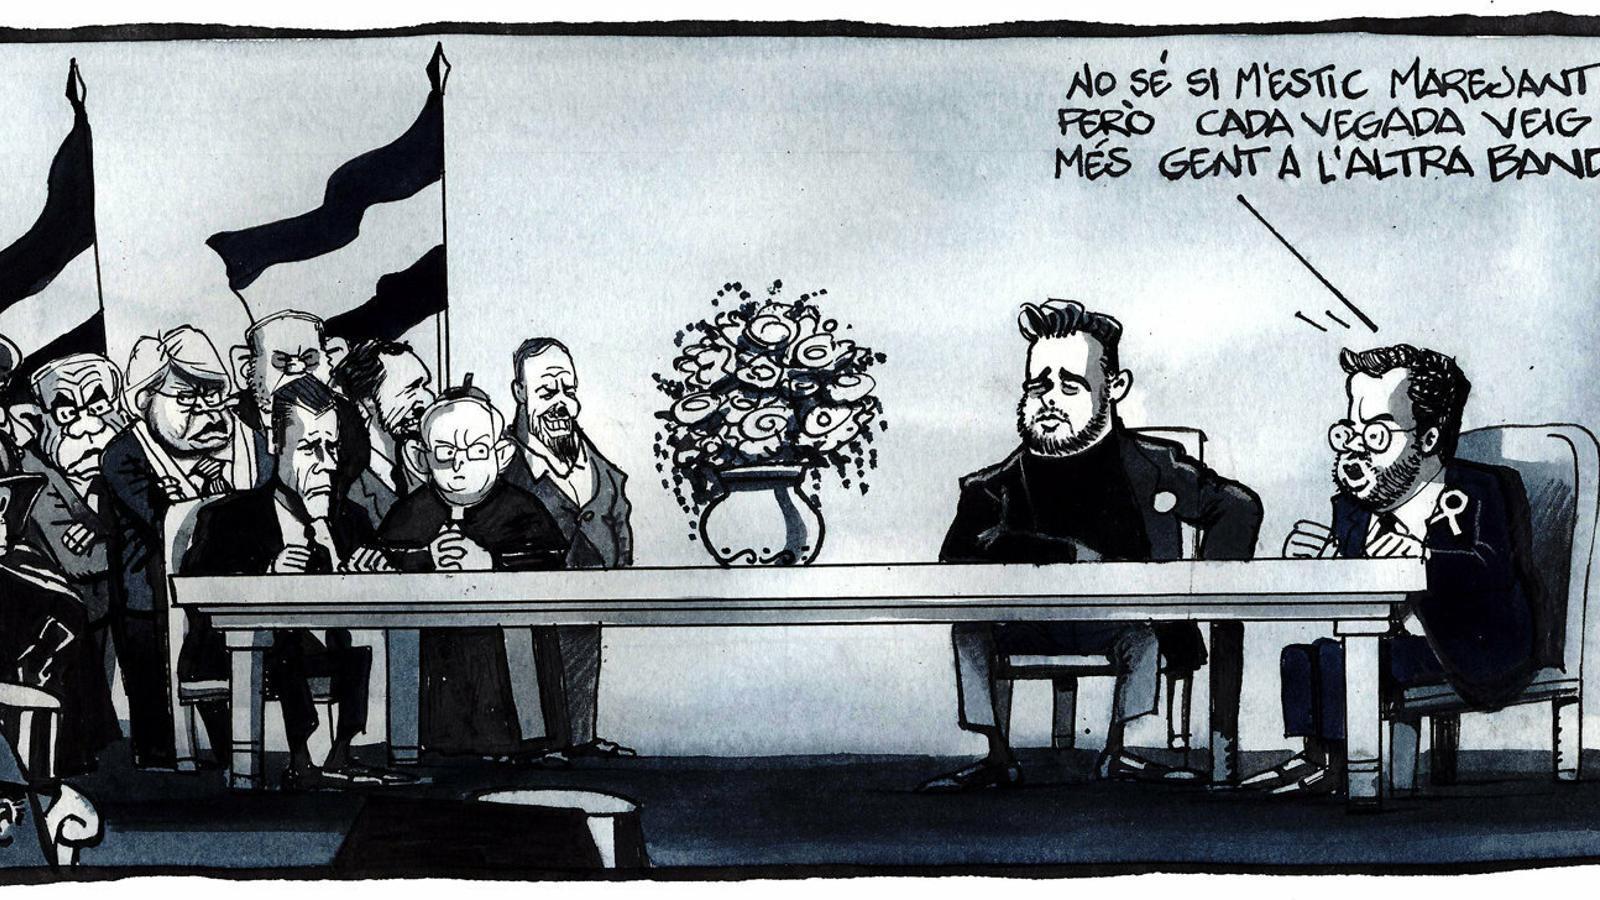 'A la contra', per Ferreres 08/12/2019